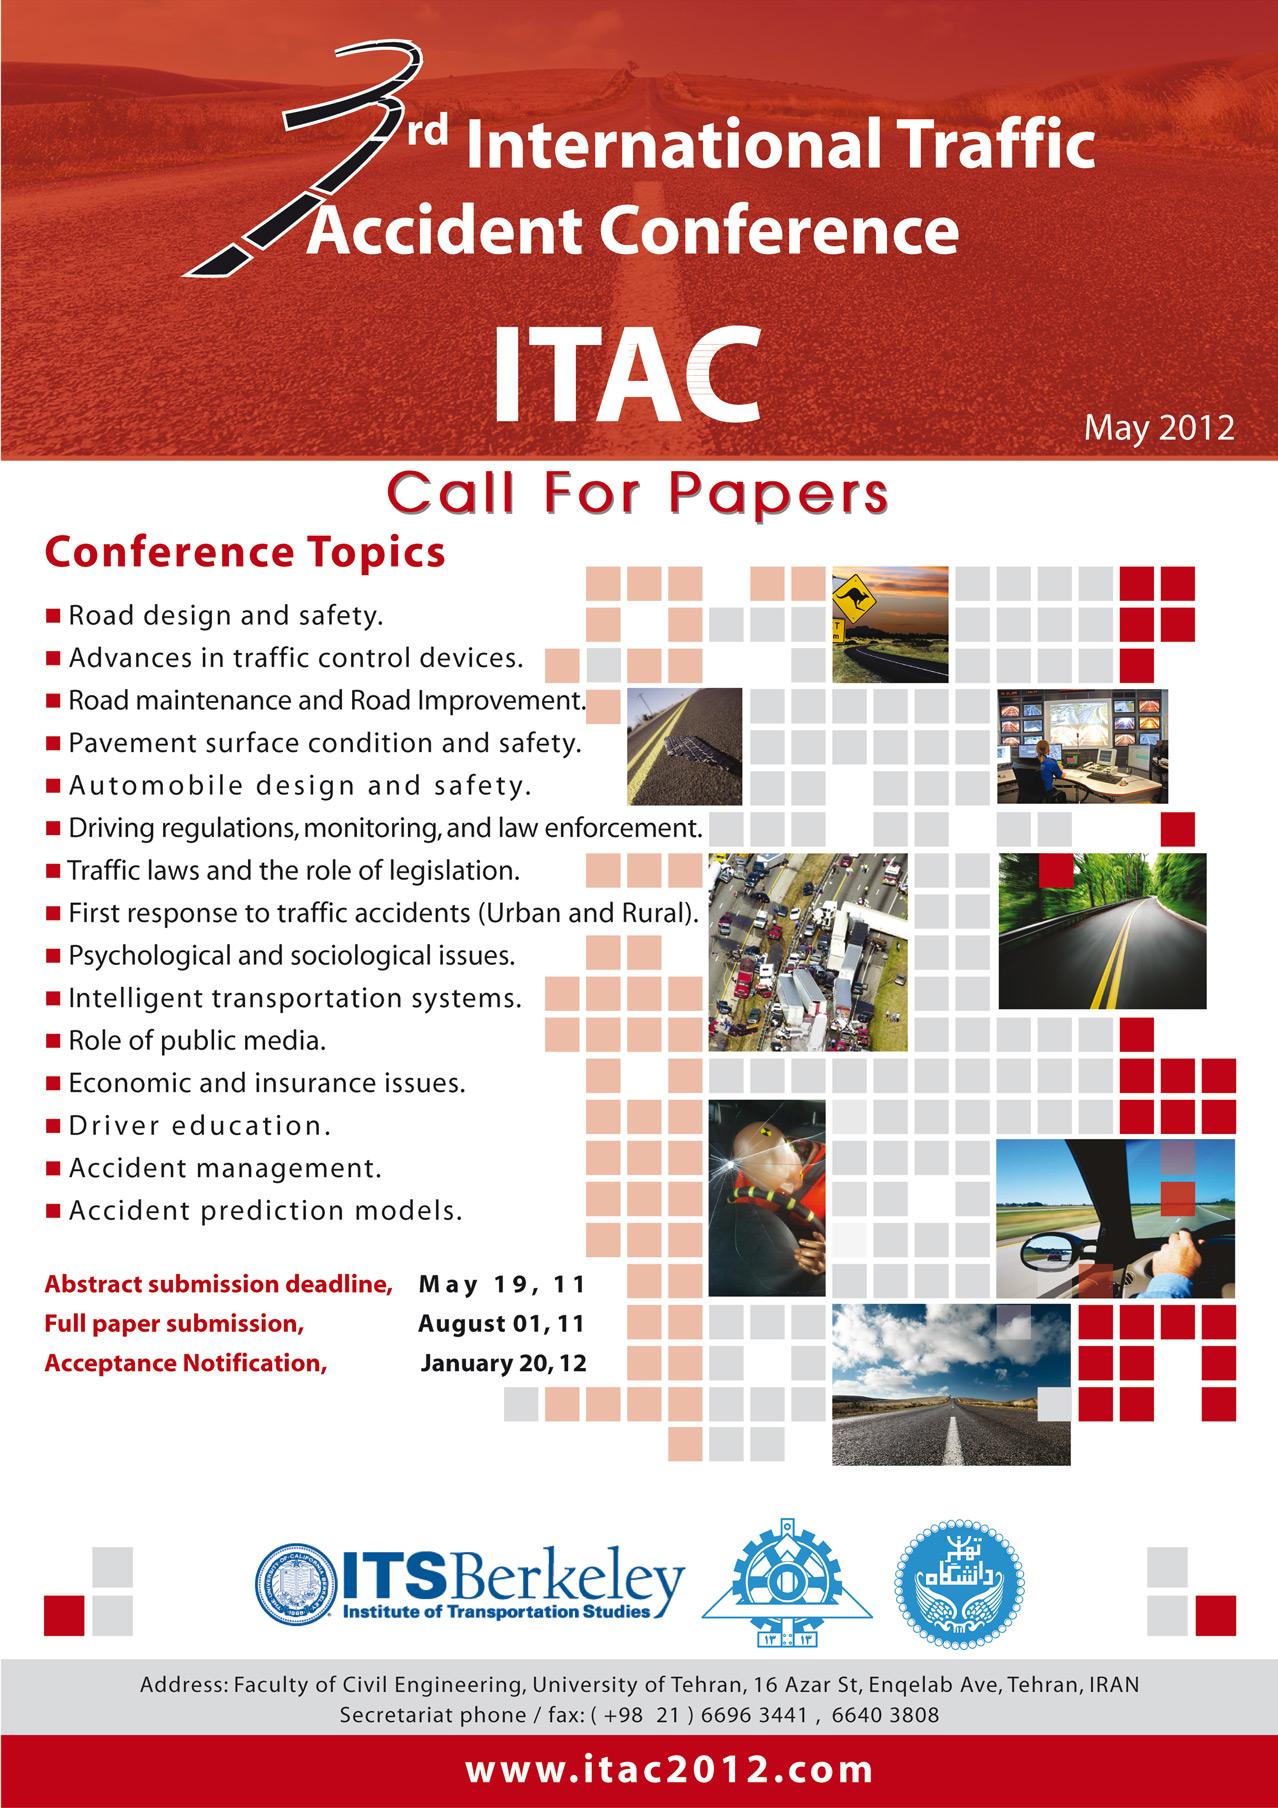 سومین کنفرانس بینالمللی حوادث رانندگی و جادهای